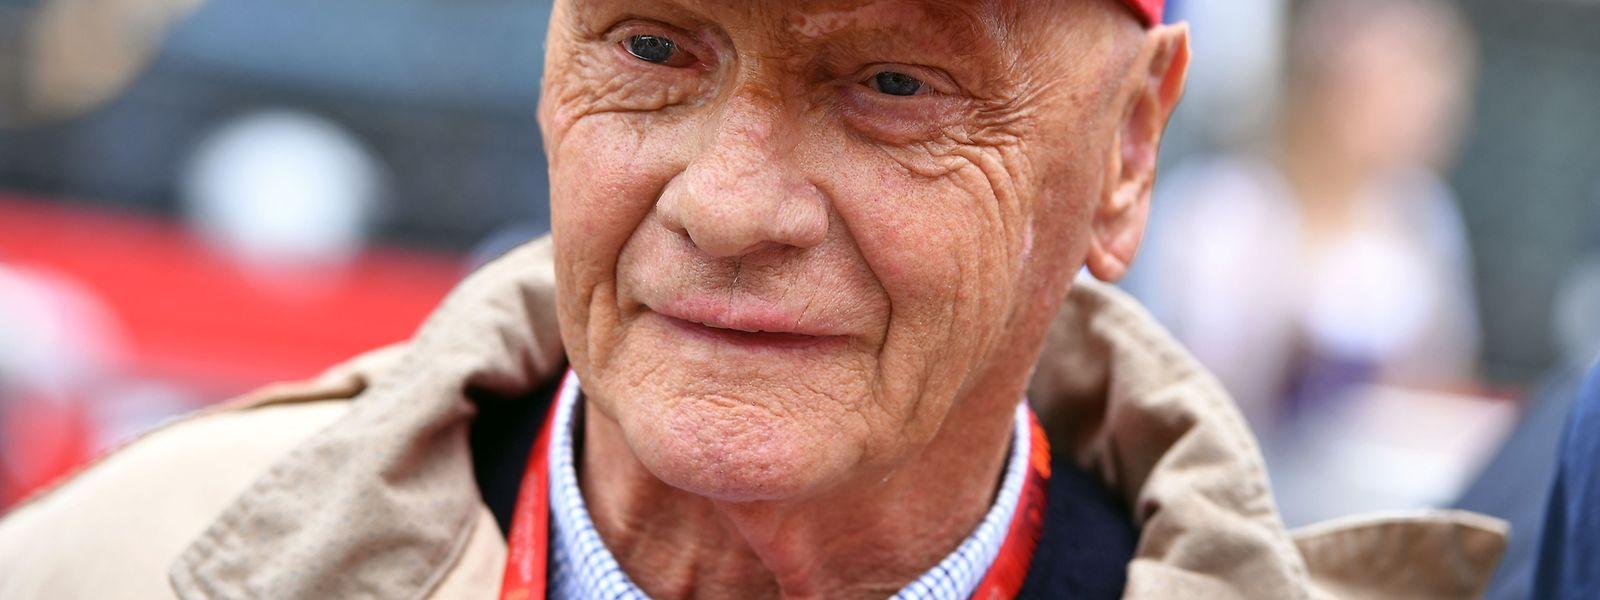 Niki Lauda prägte die Formel 1 wie kaum ein anderer.